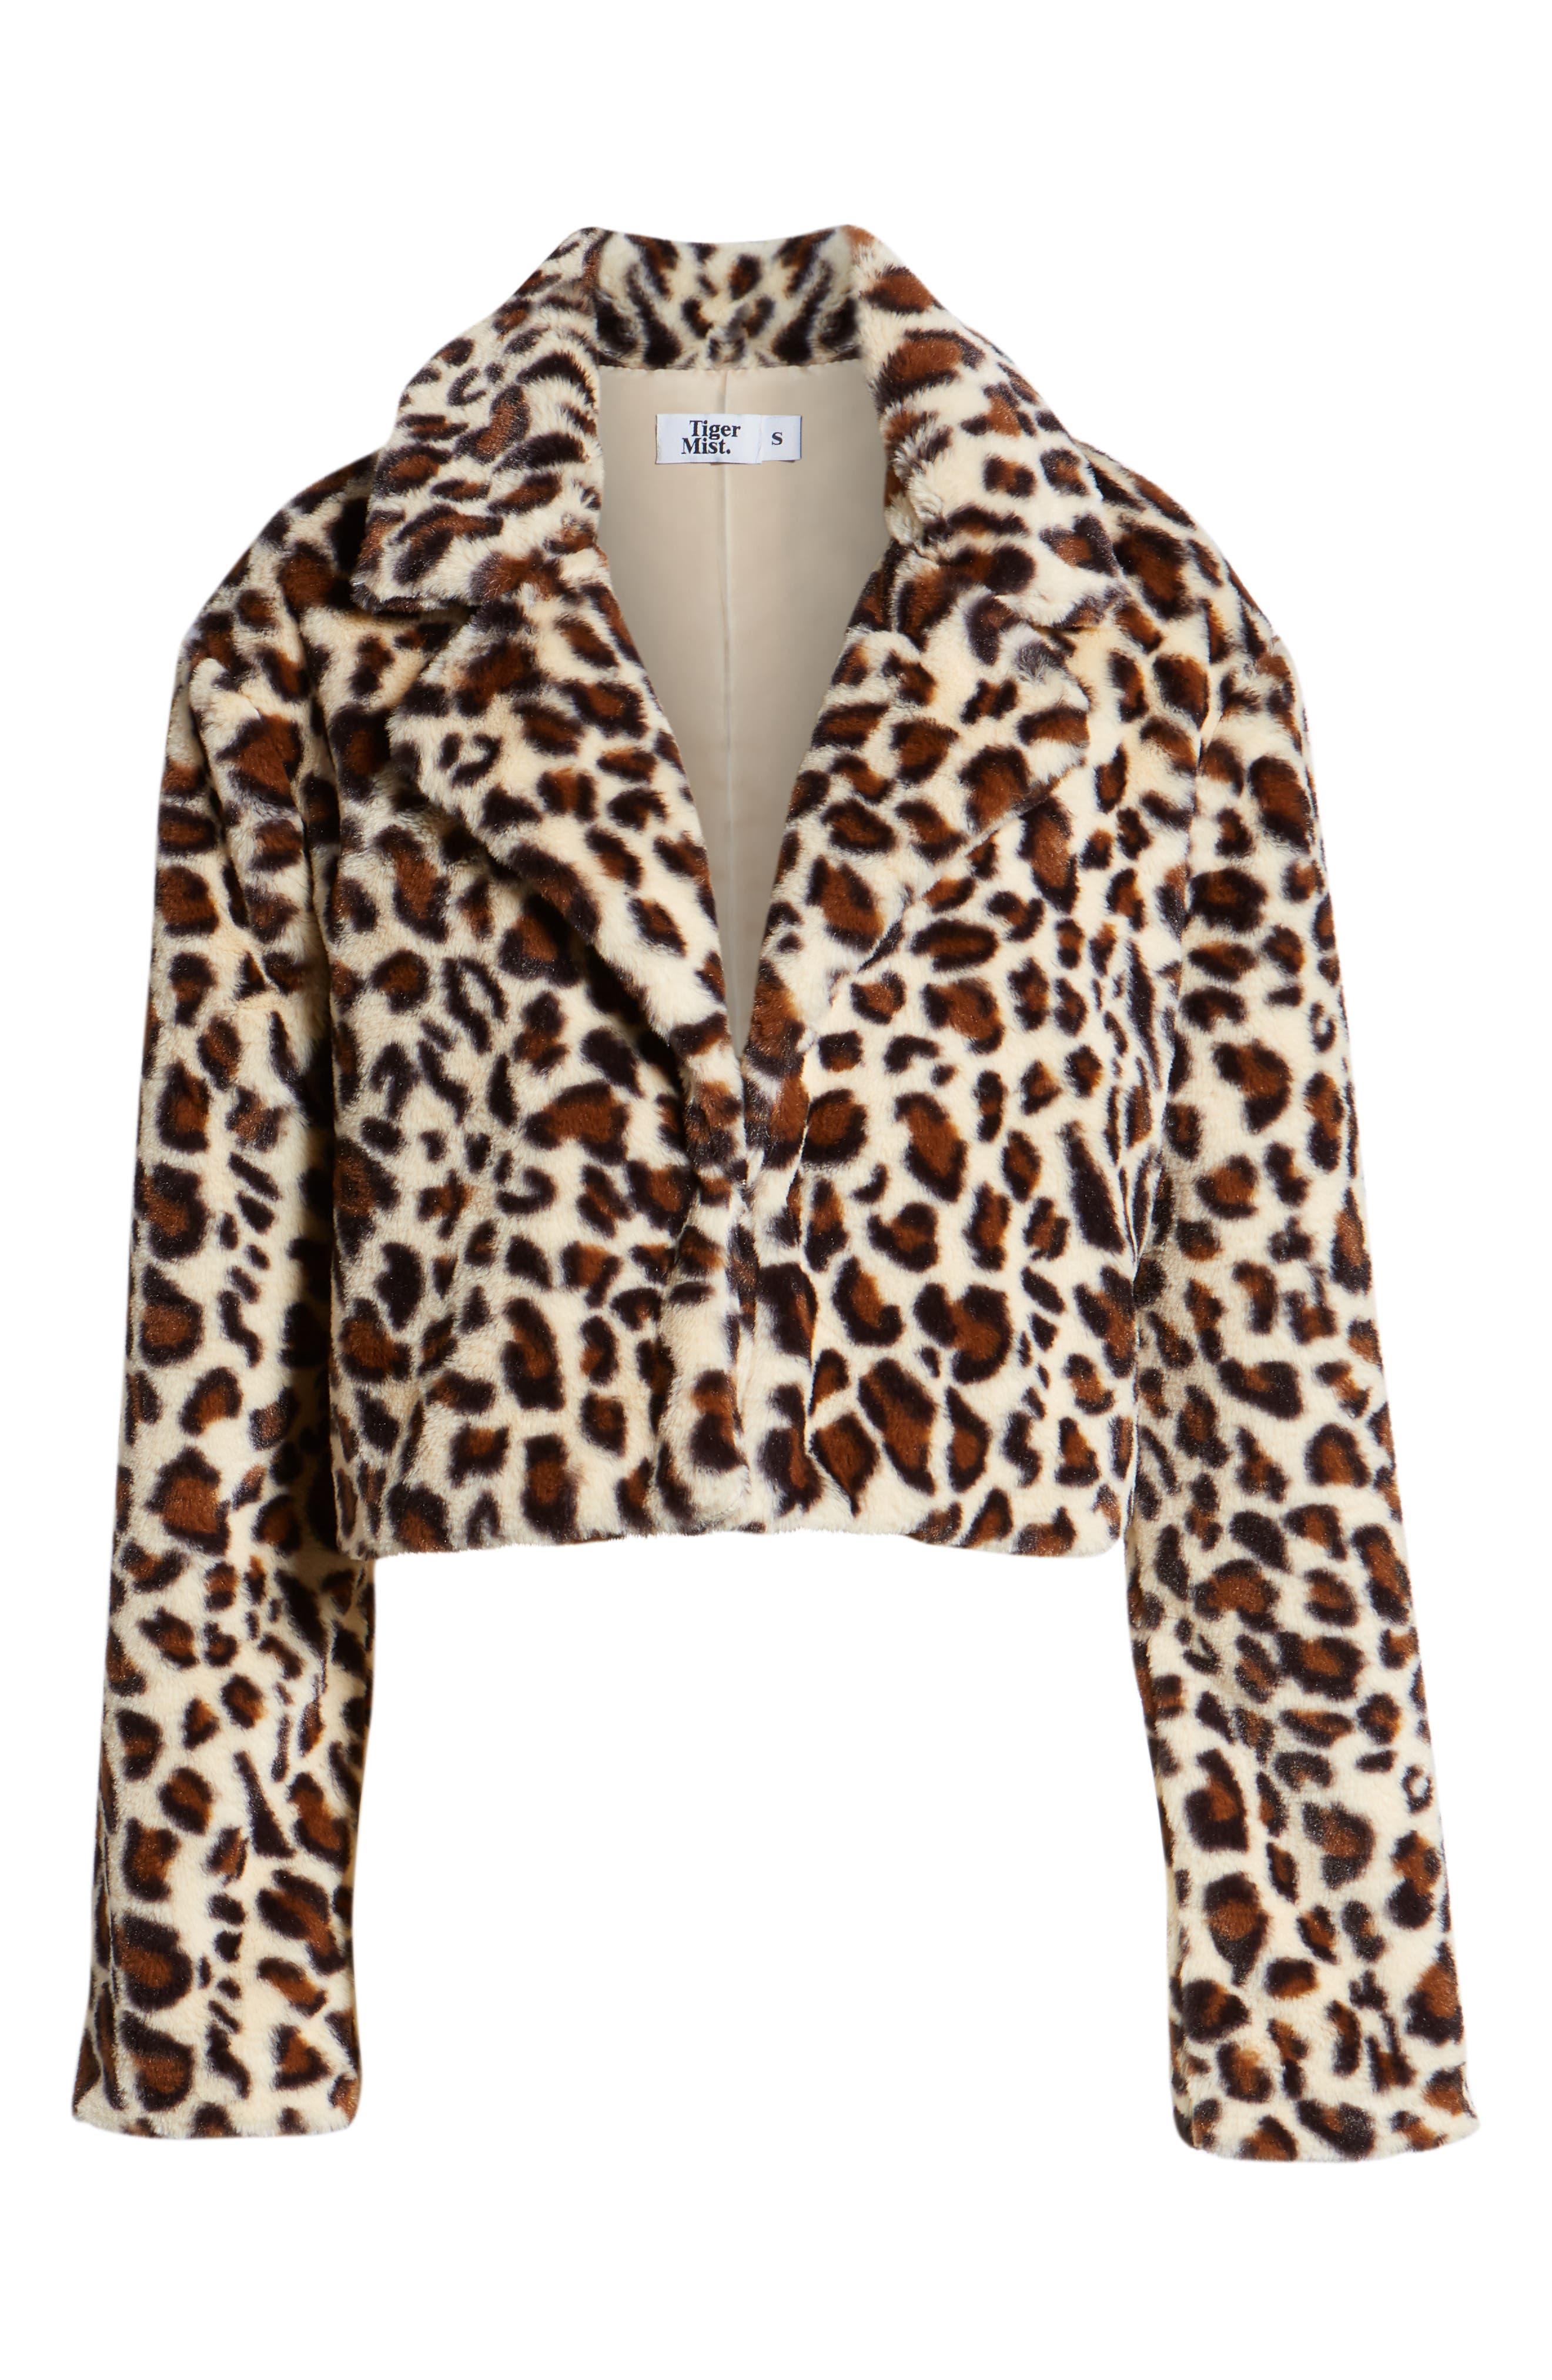 Mimi Faux Fur Jacket,                             Alternate thumbnail 6, color,                             LEOPARD